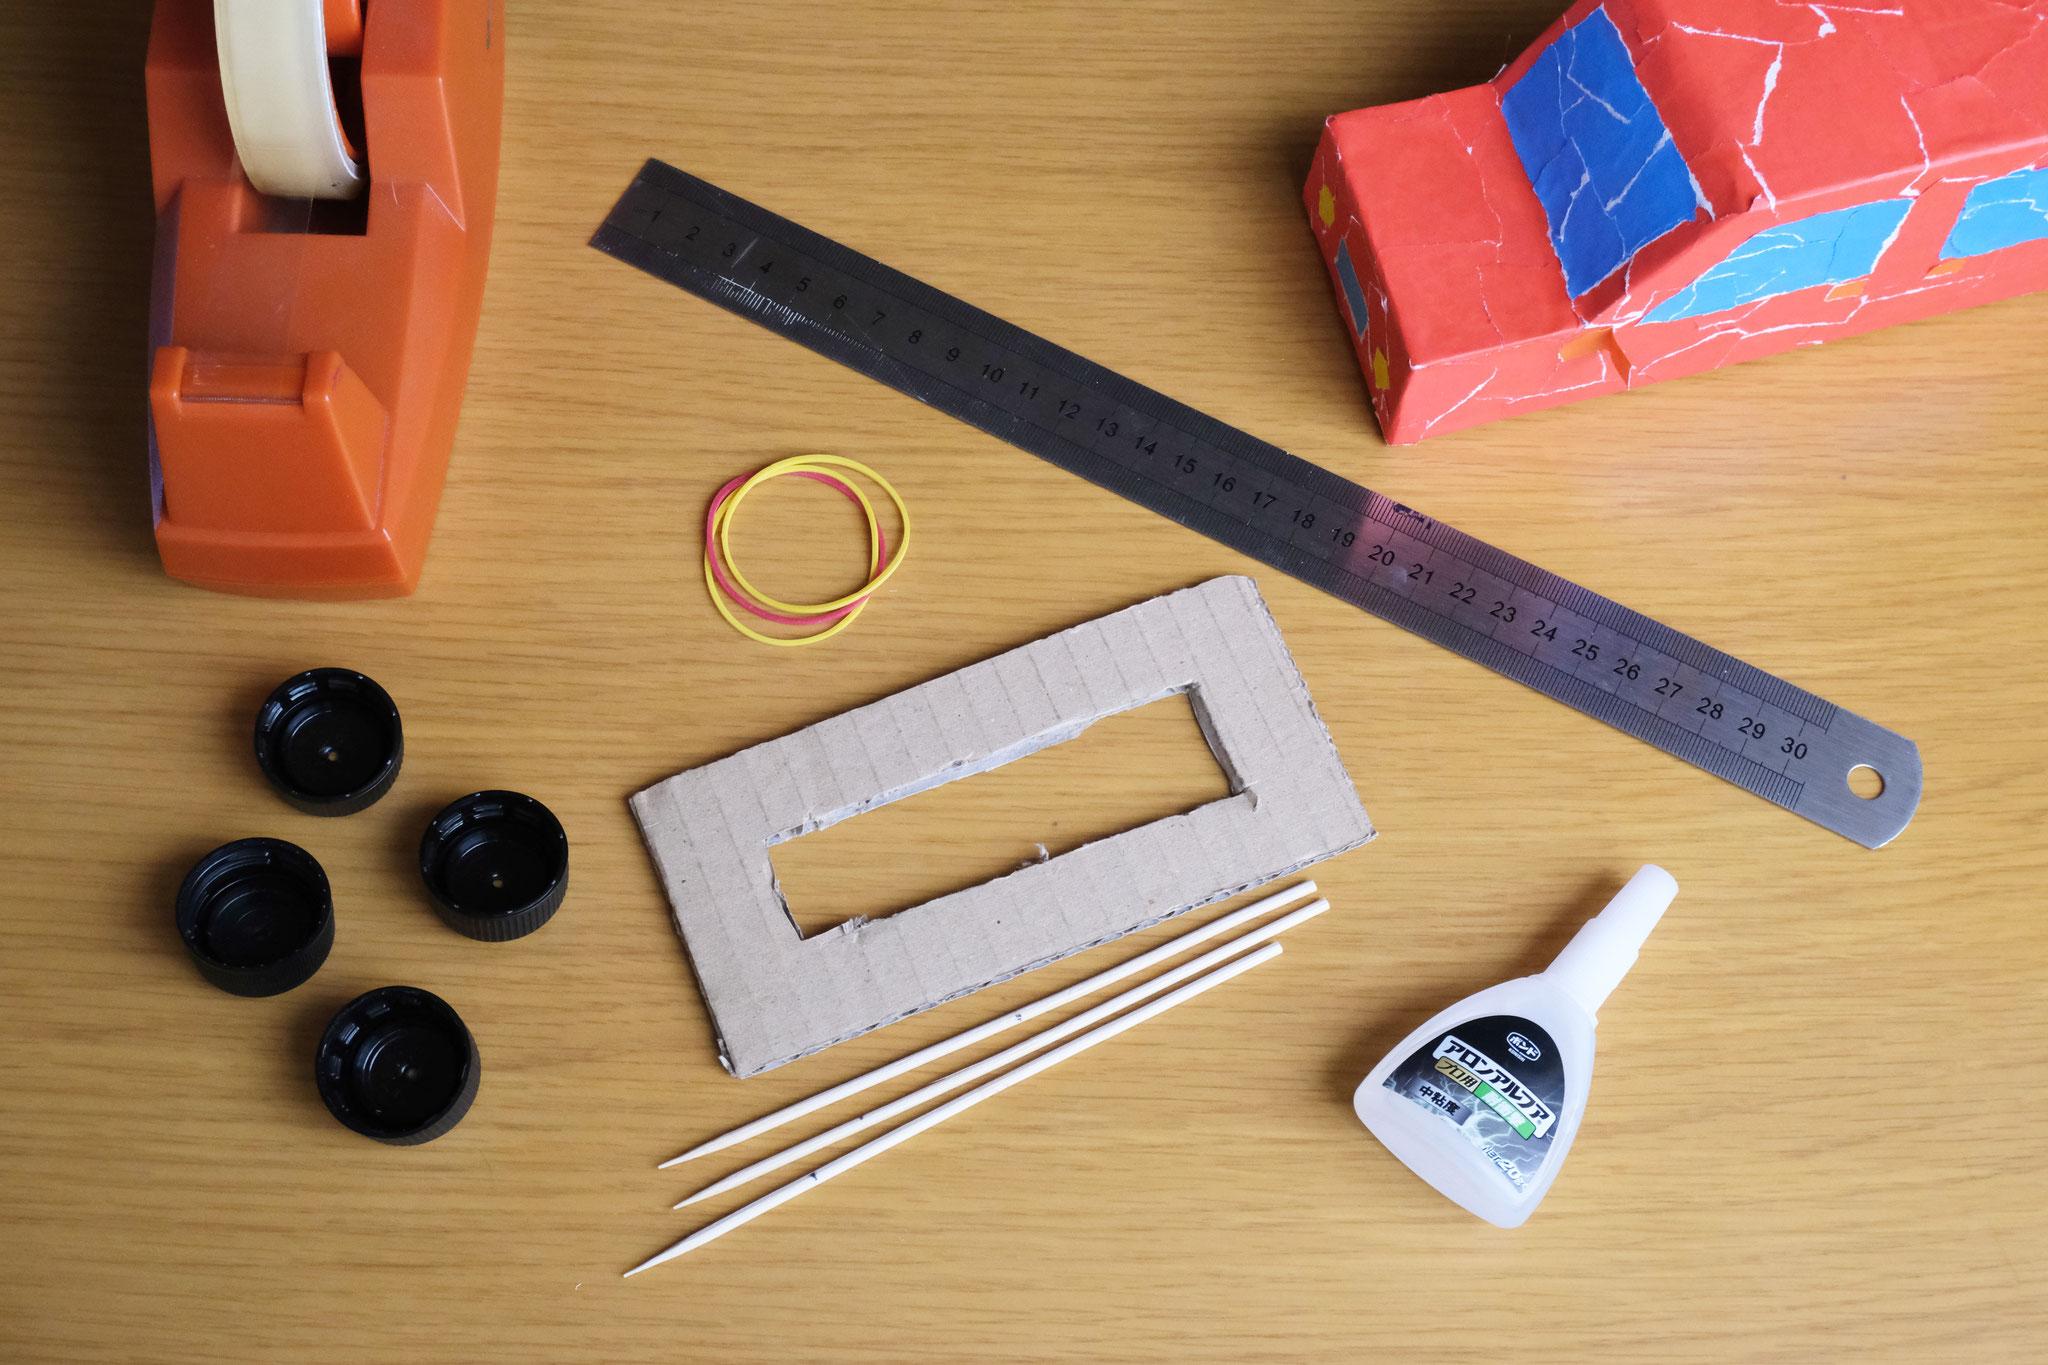 (1)厚めのダンボールを縦15cm×横7cmに切り、中央を縦11cm×横3cmにくり抜く。(くり抜く部分は大体で大丈夫です!)